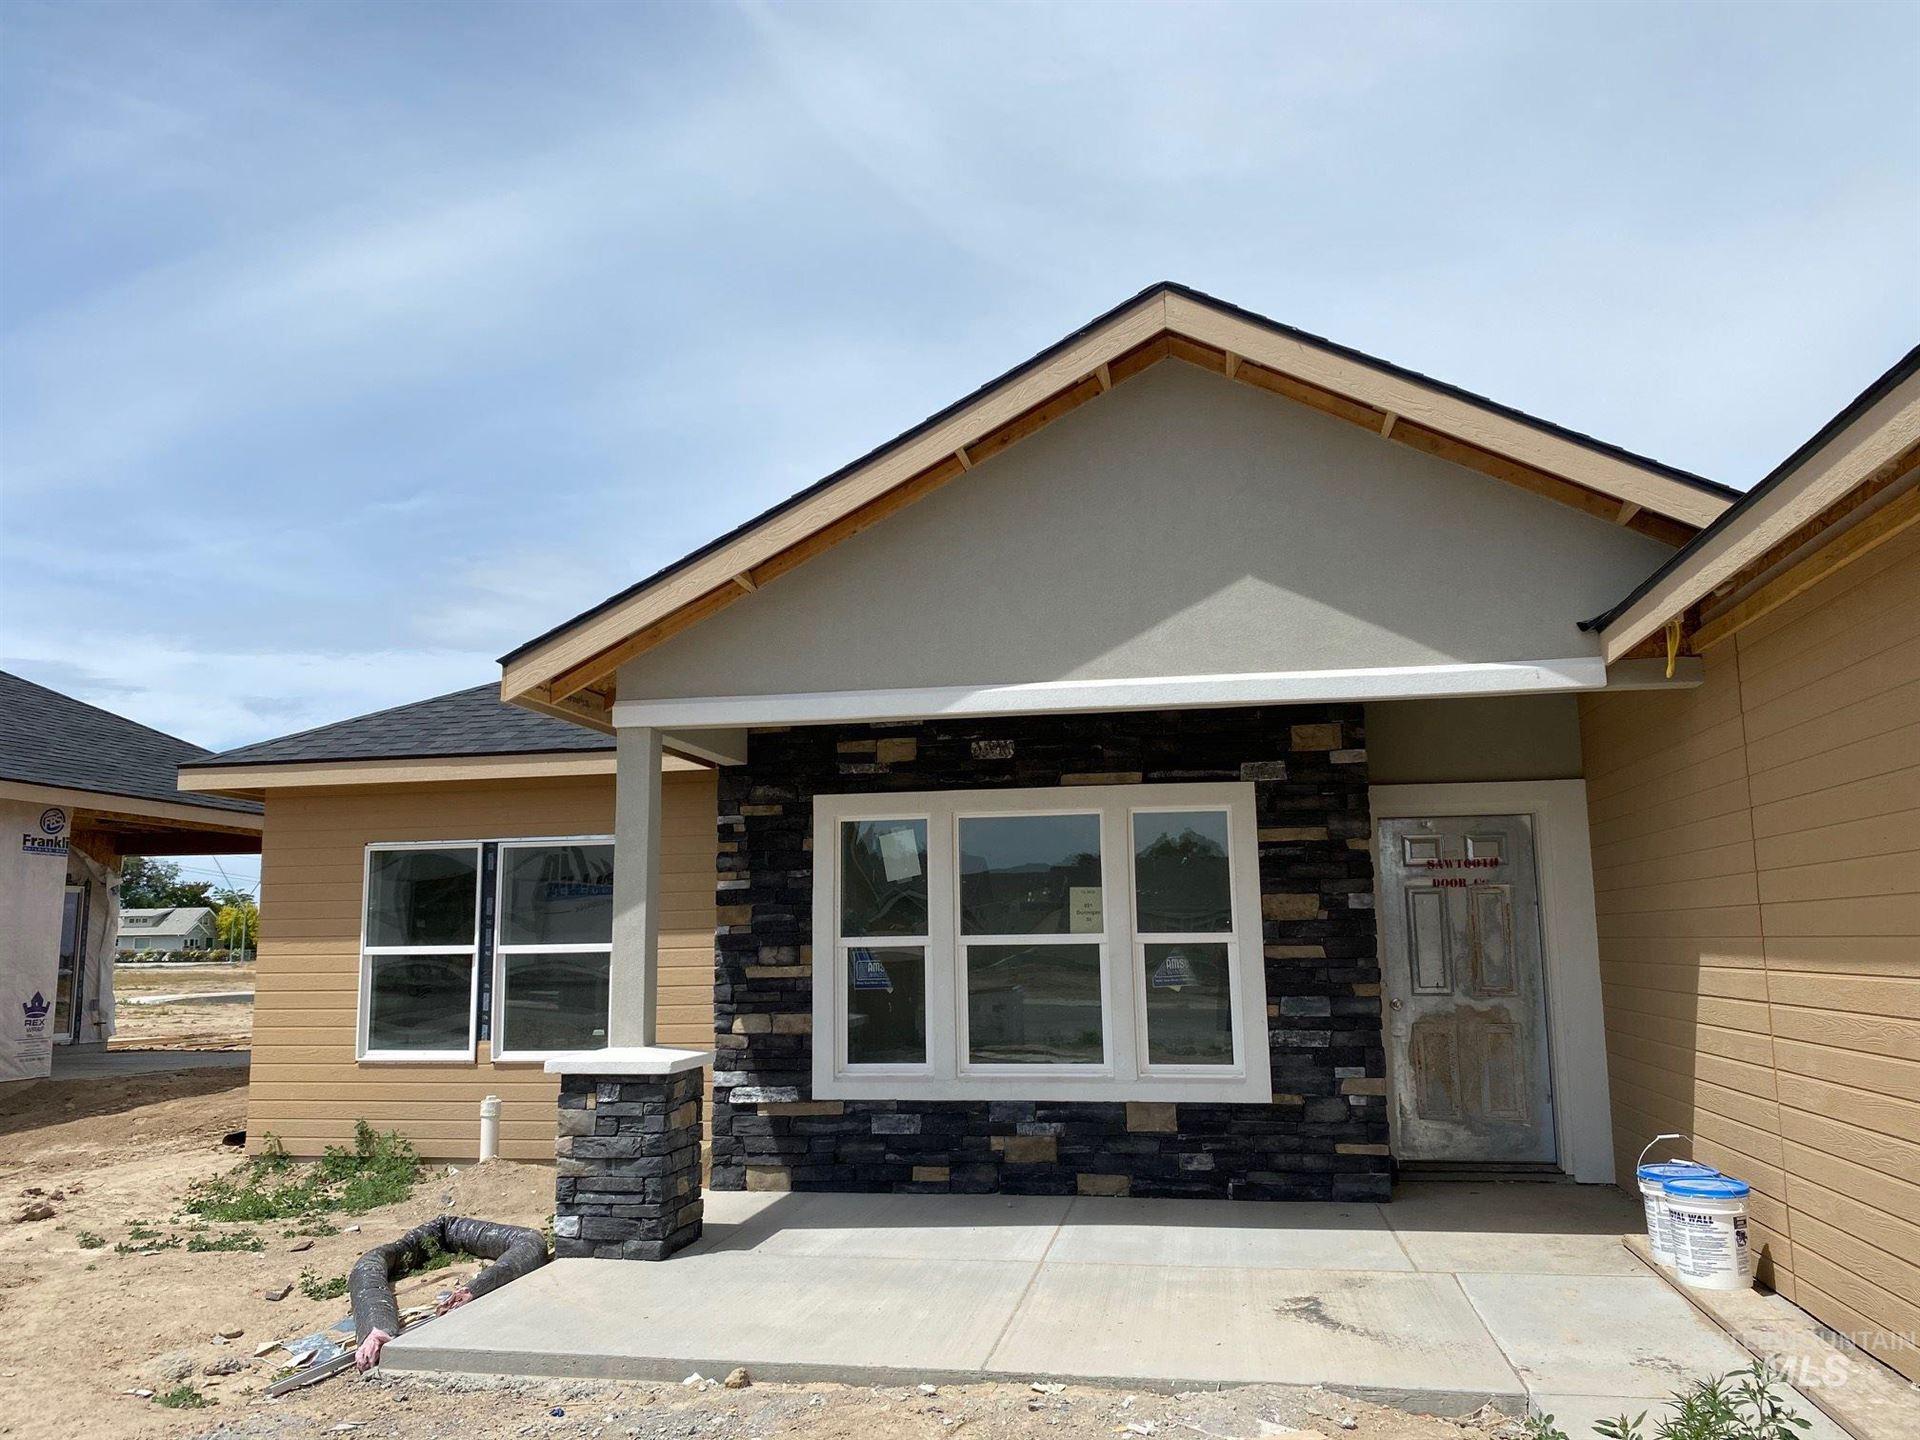 951 Dunnigan St, Twin Falls, ID 83301 - MLS#: 98760831